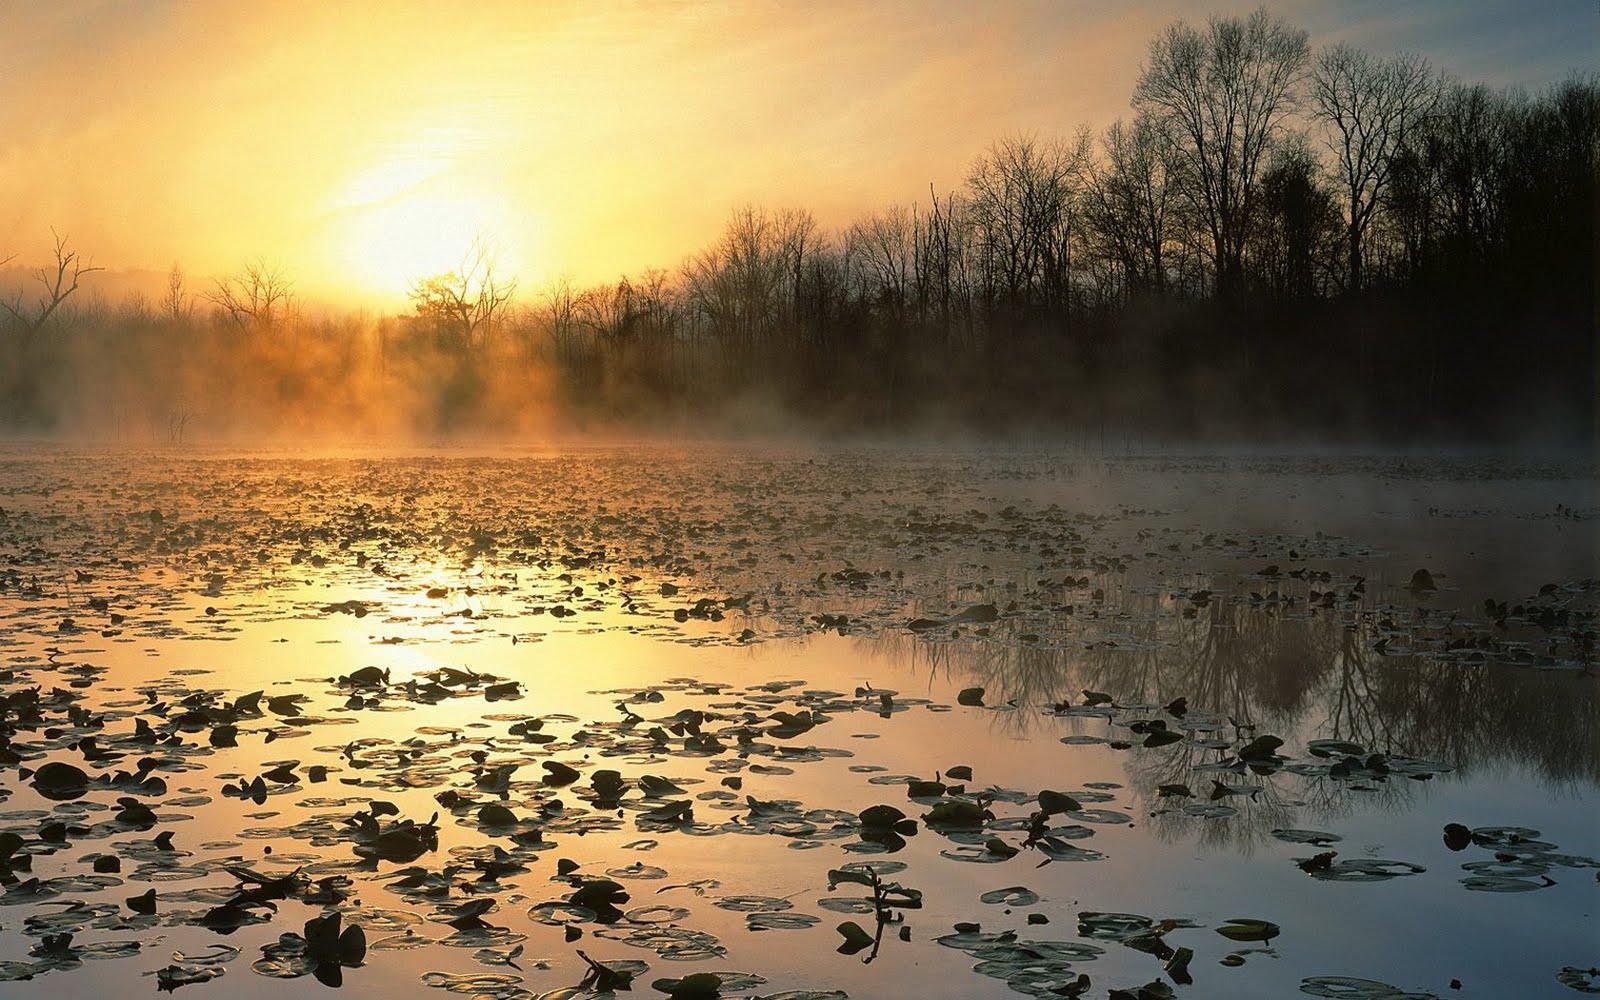 http://1.bp.blogspot.com/-0CnpqI-N3V8/TtxJHbj1QEI/AAAAAAAAAnw/o3ejFwalTxU/s1600/lake-wallpaper-hd-4-785415.jpg